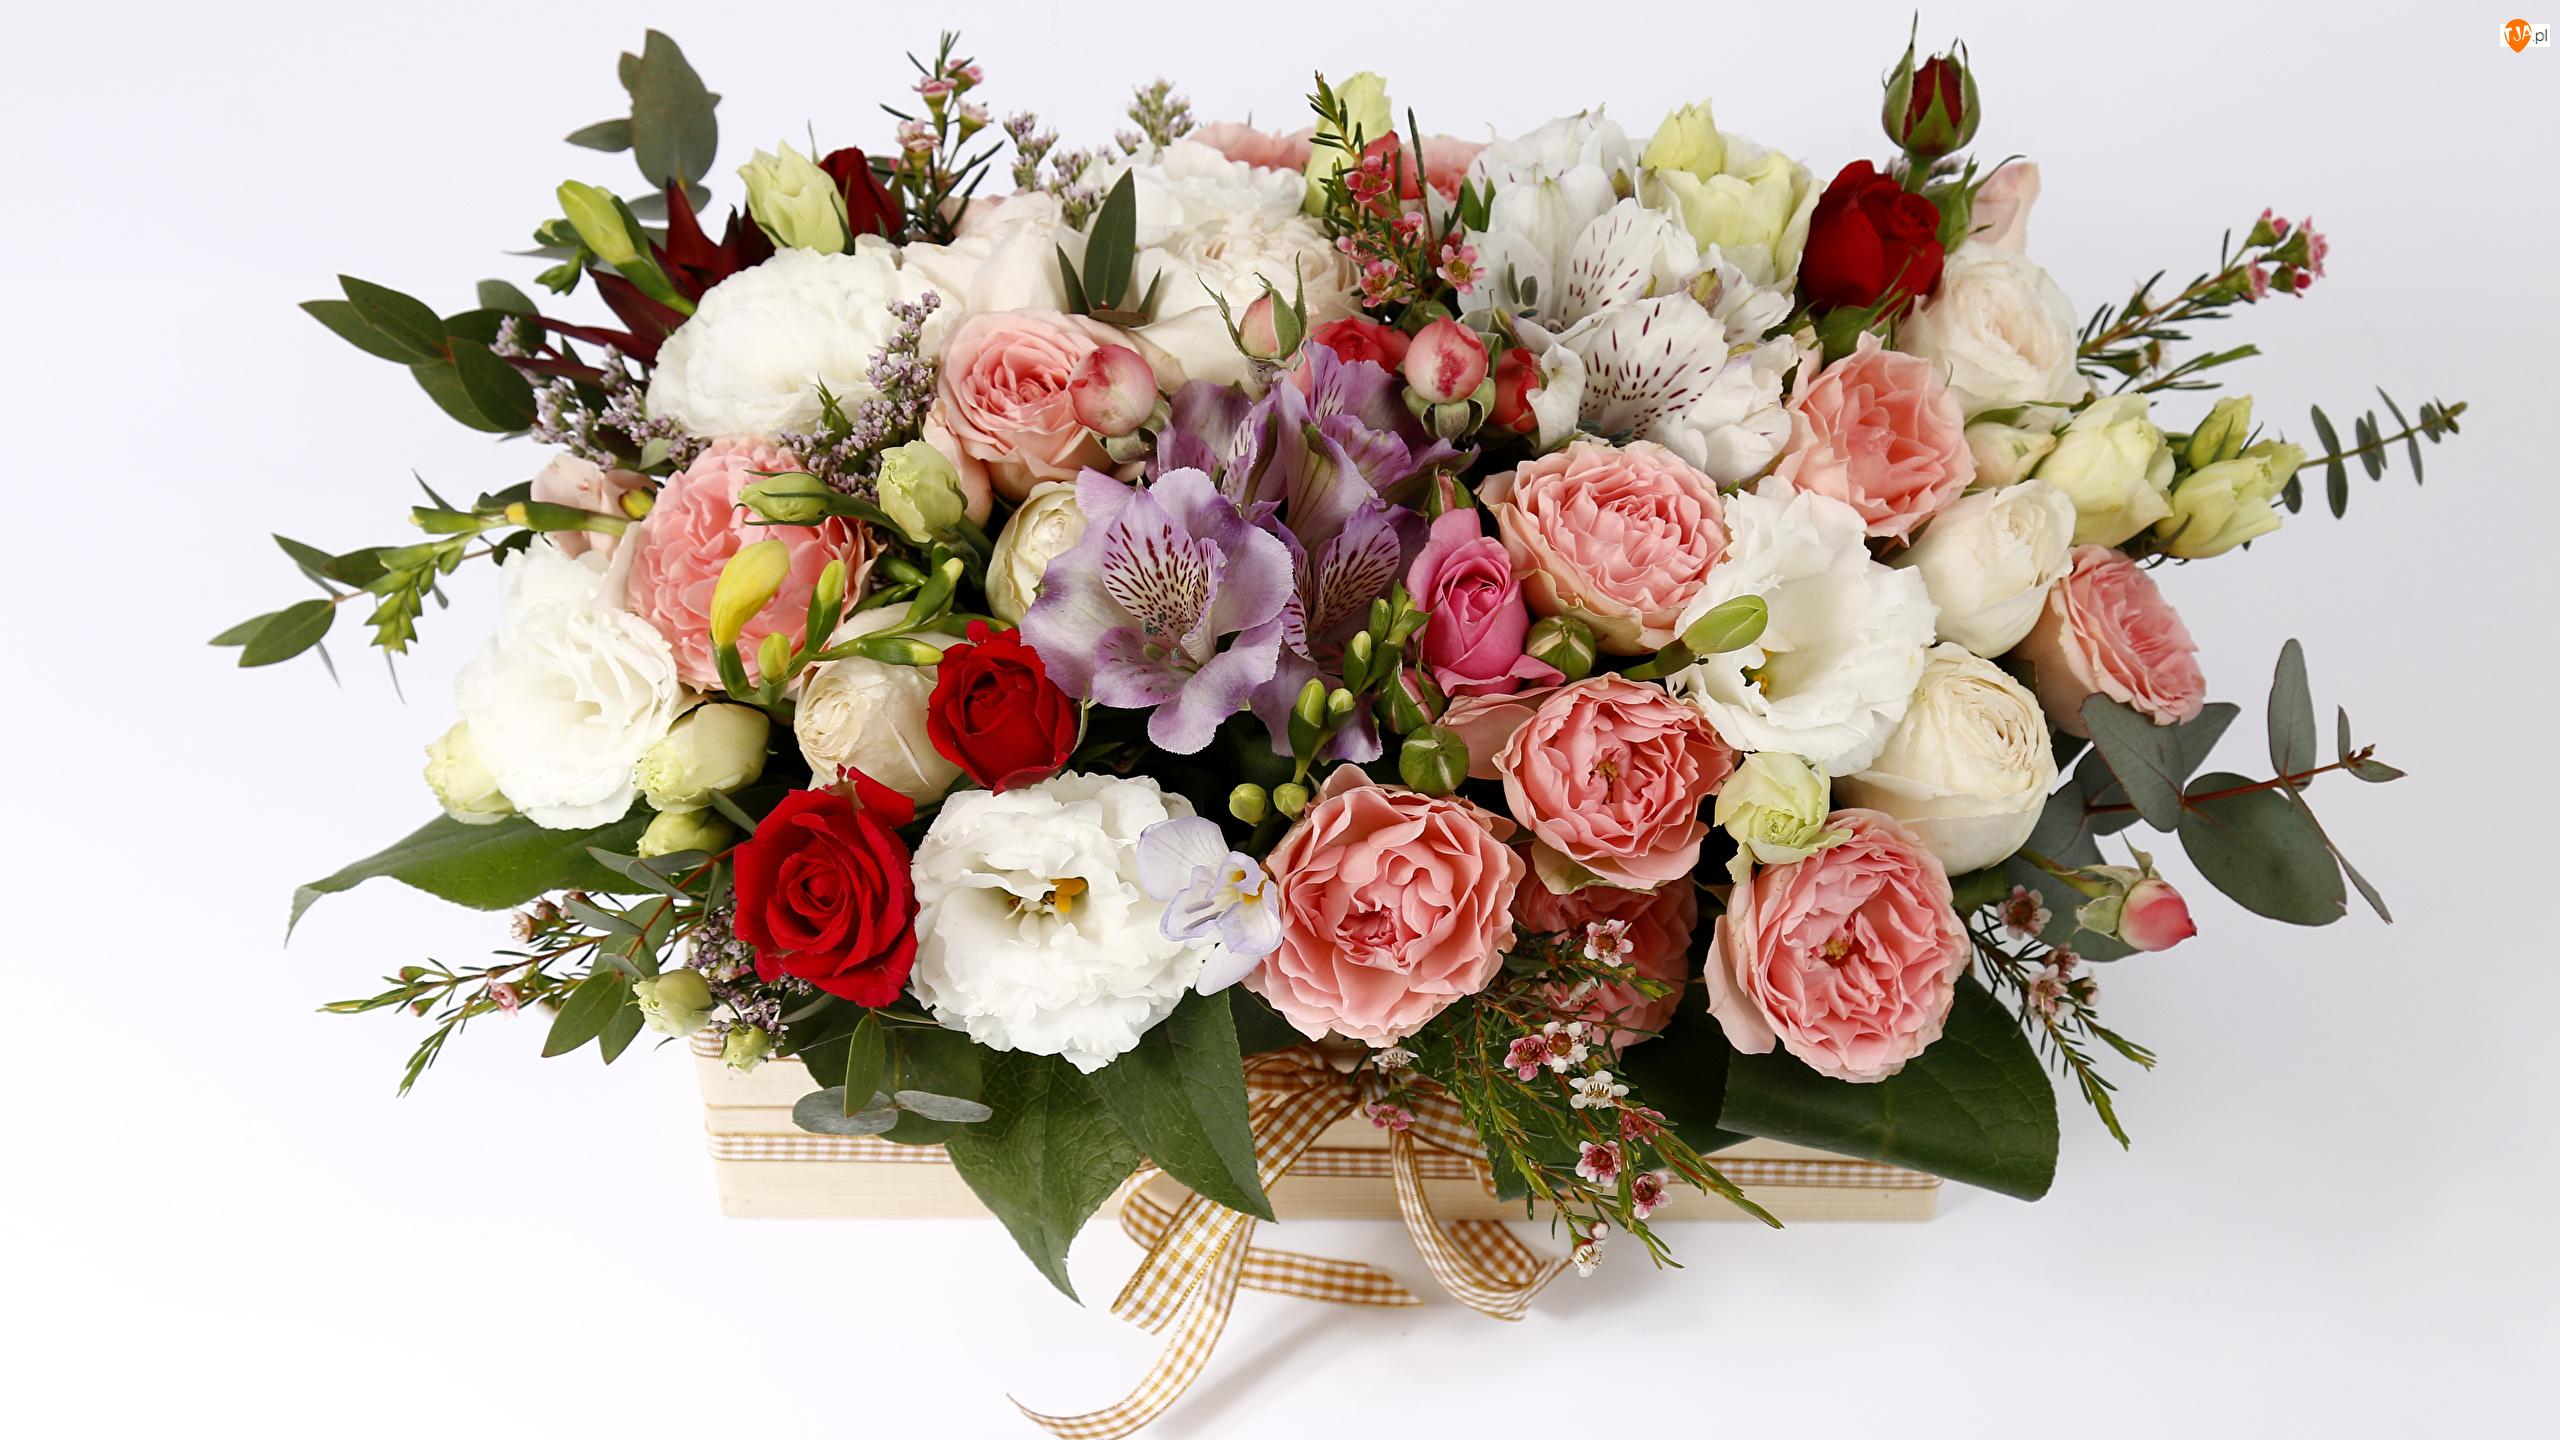 Bukiet, Róże, Kokarda, Kwiaty, Skrzynka, Alstremerie, Eustomy